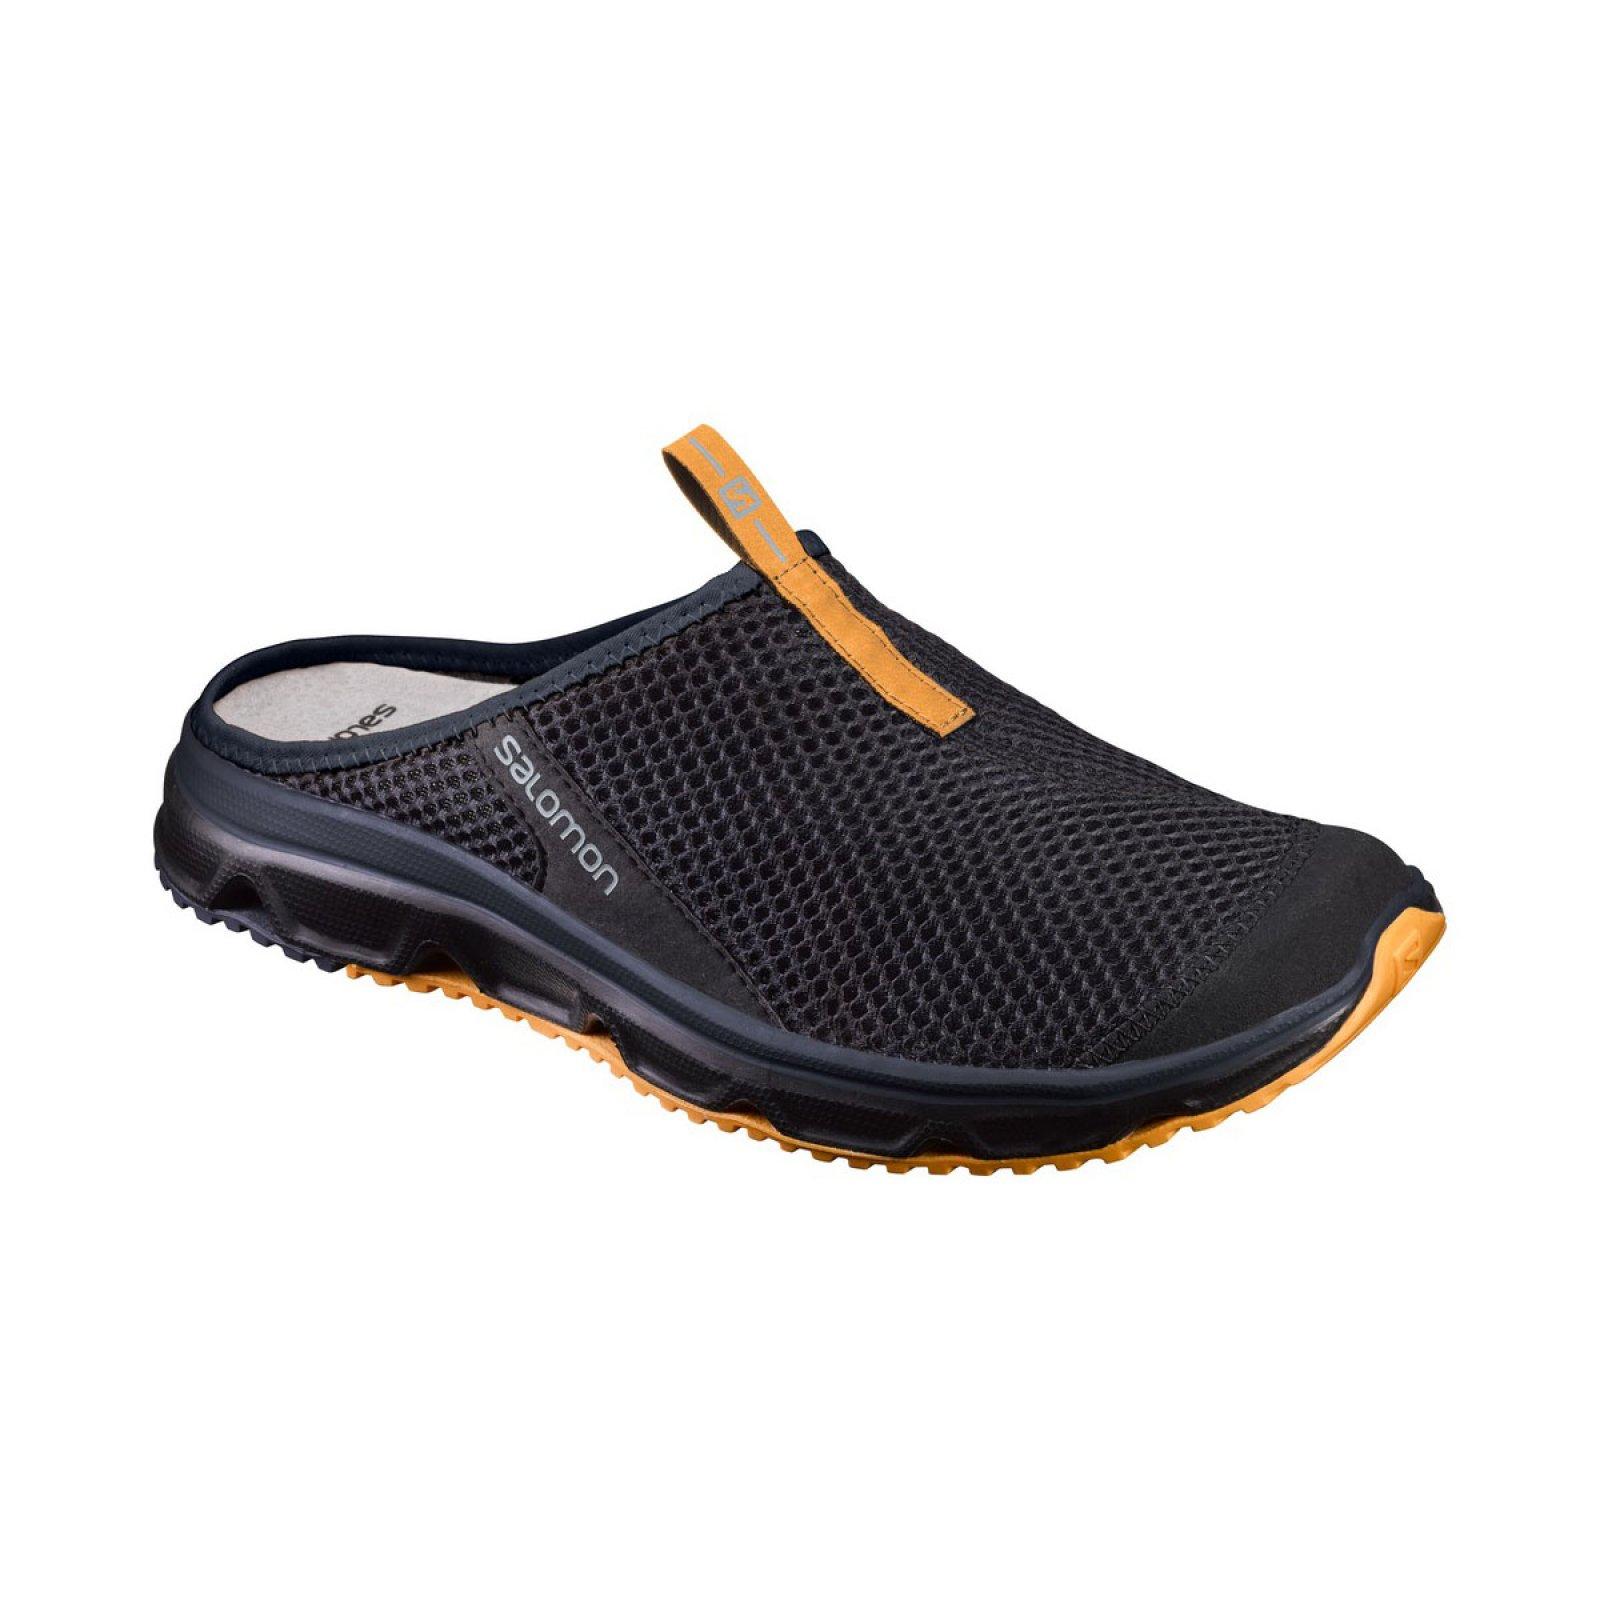 Pantofle Salomon RX Slide 3.0 M L39244200 - Actisport.cz 3fb7117b67